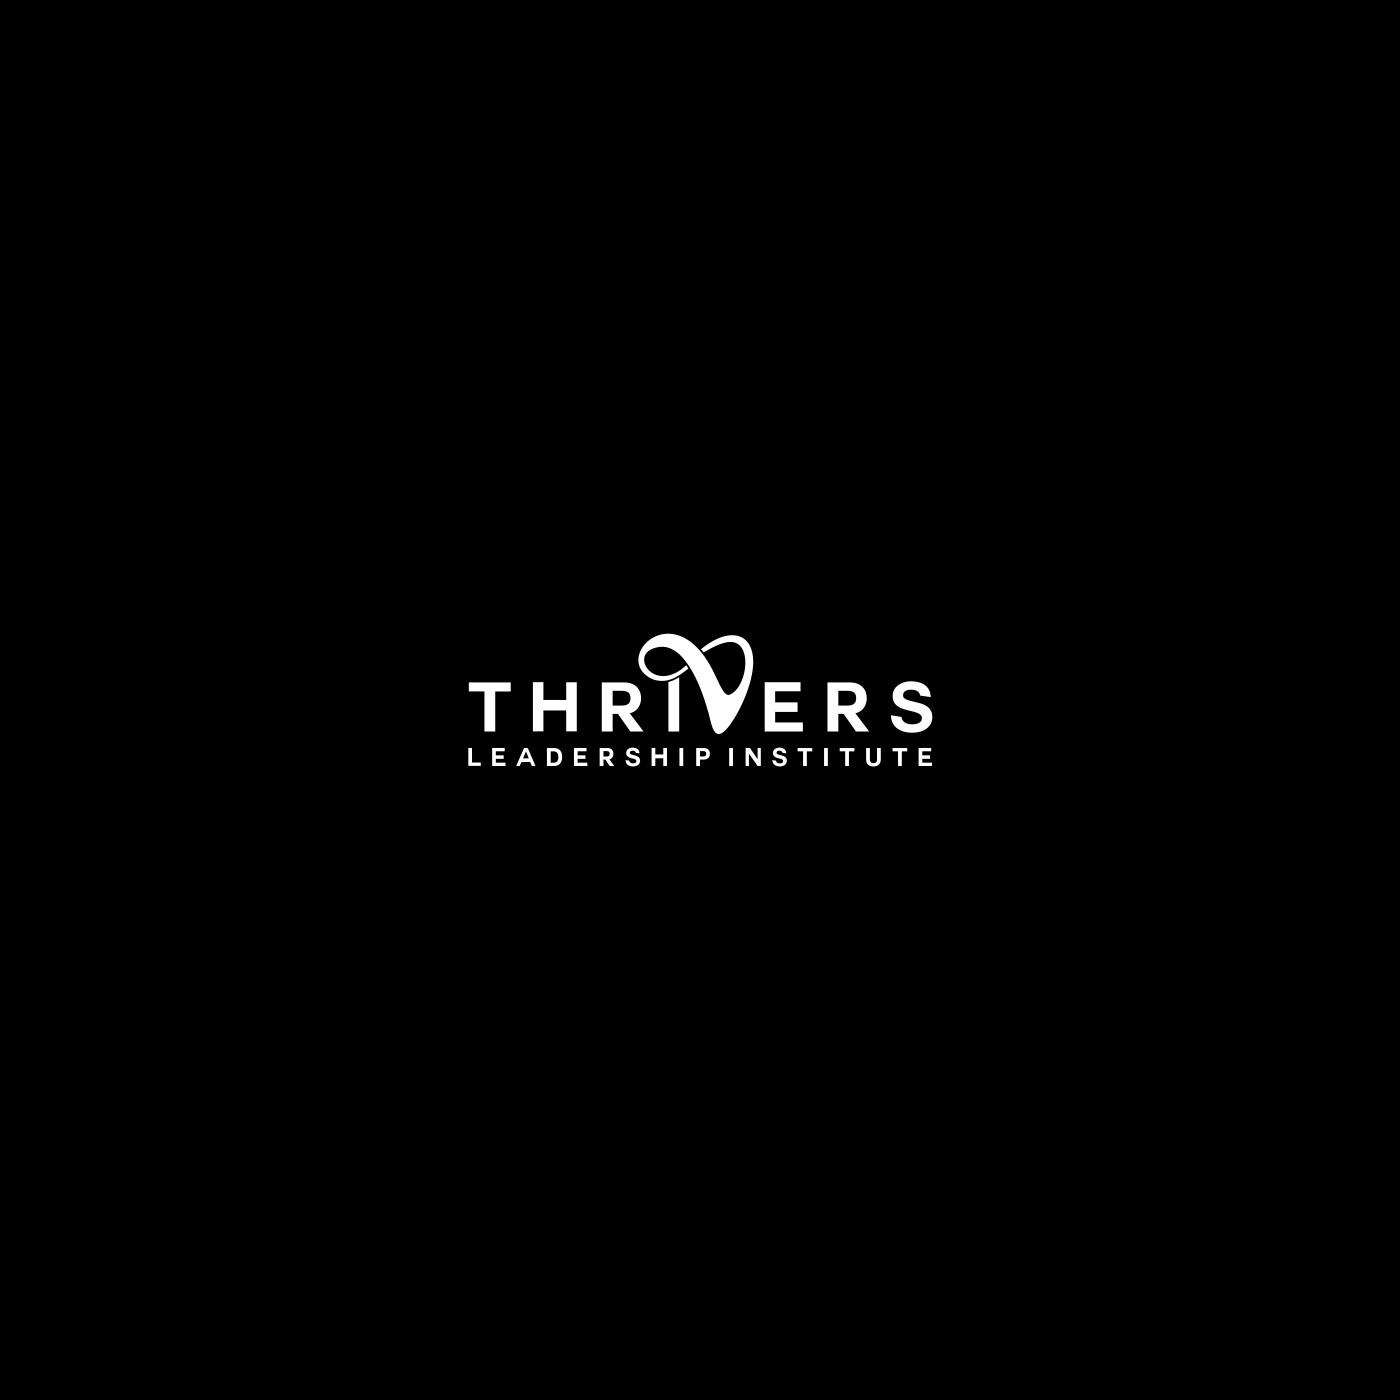 Thrivers Leadership